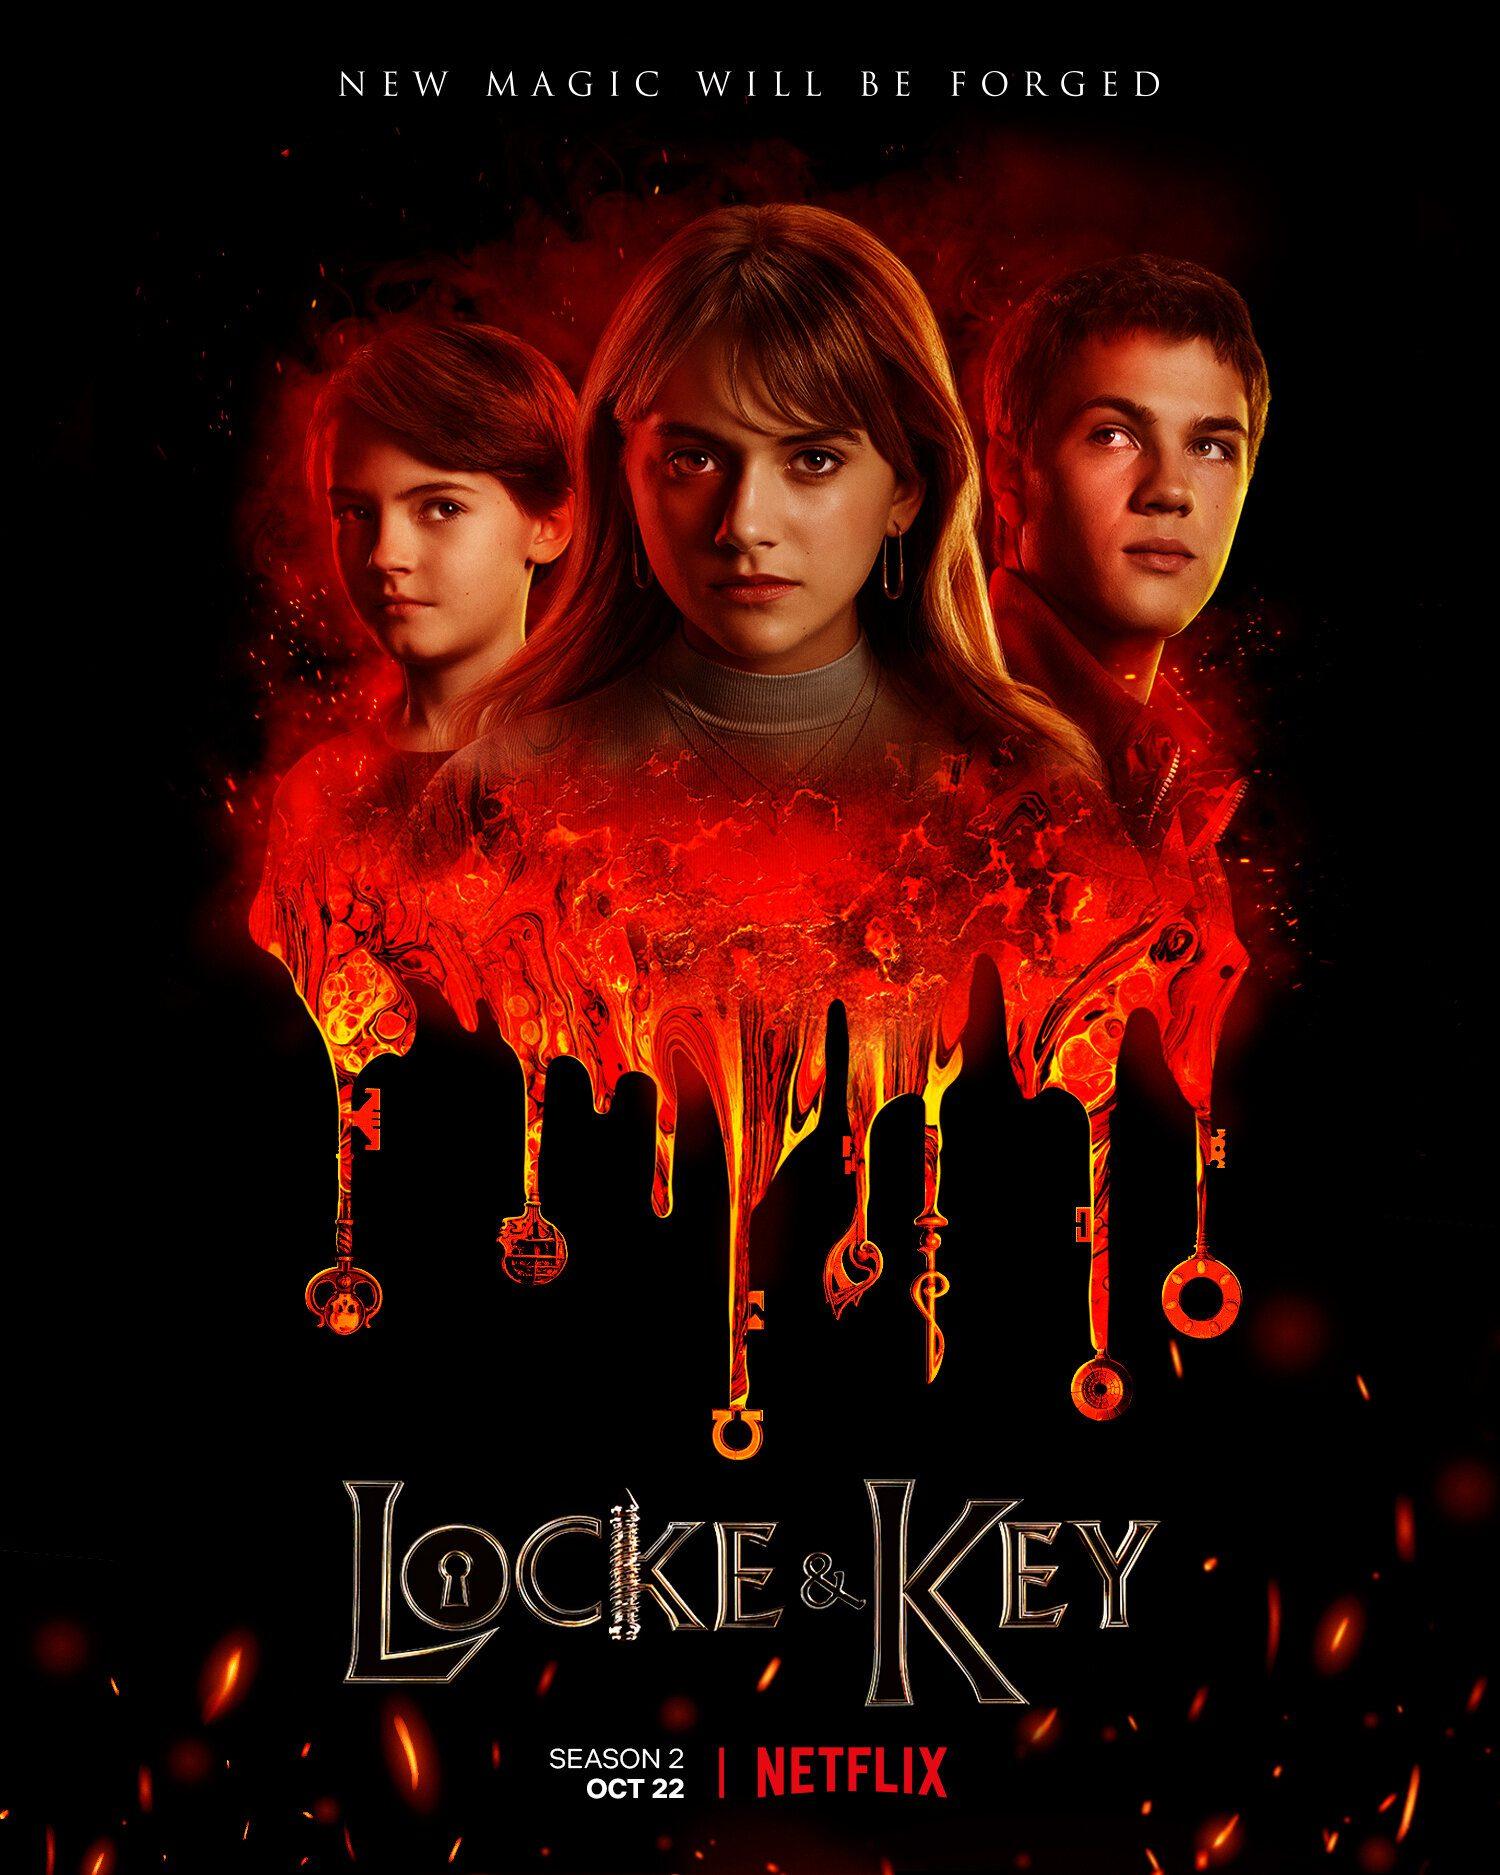 Locke & Key teaser image